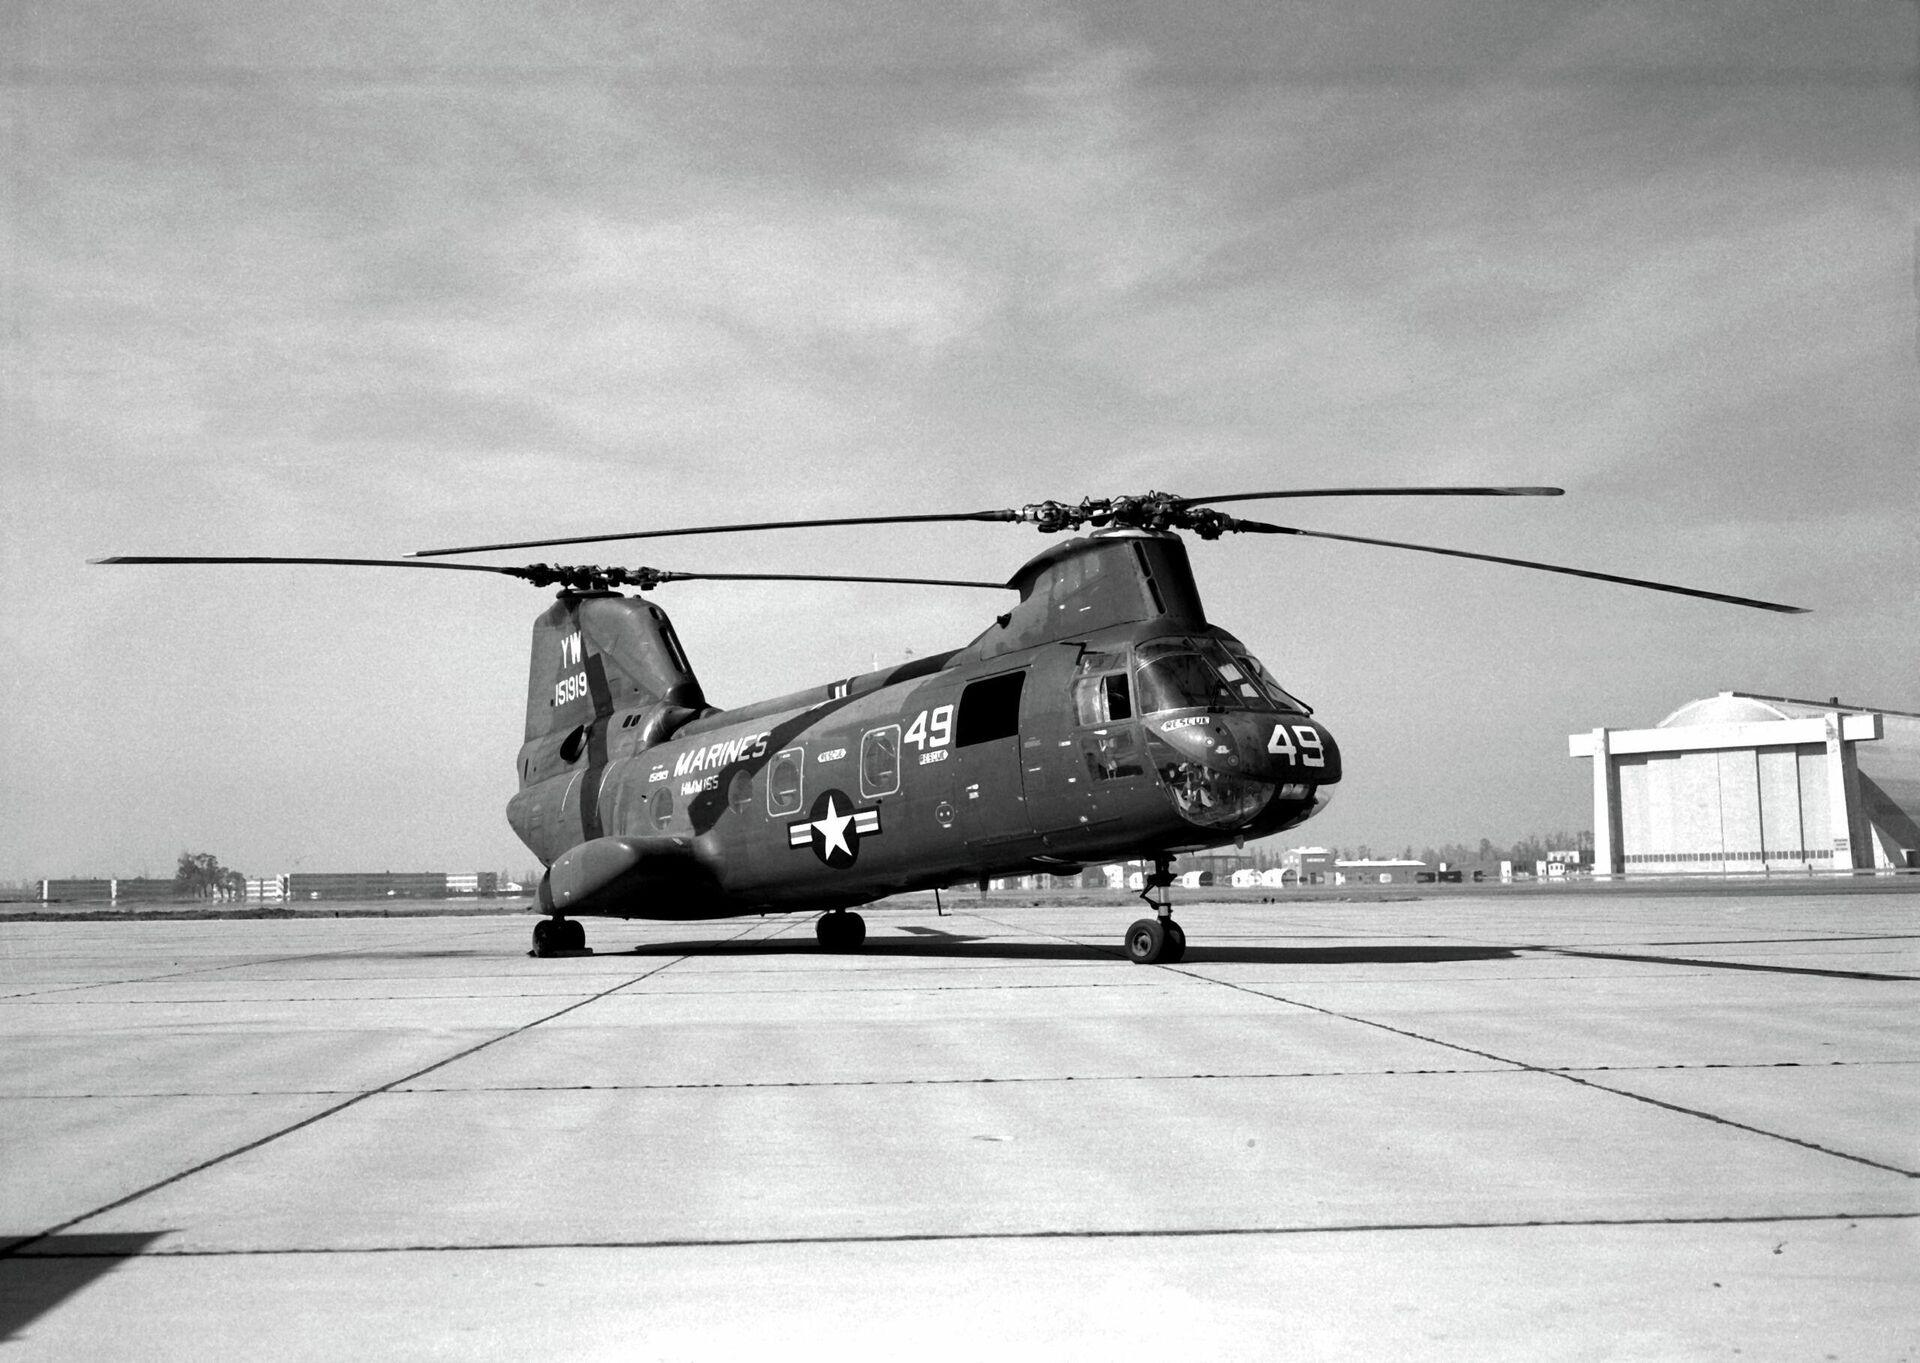 Un helicóptero Boeing Vertol CH-46A Sea Knight (BuNo 151919) del Cuerpo de Marines de EEUU (1966) - Sputnik Mundo, 1920, 20.08.2021